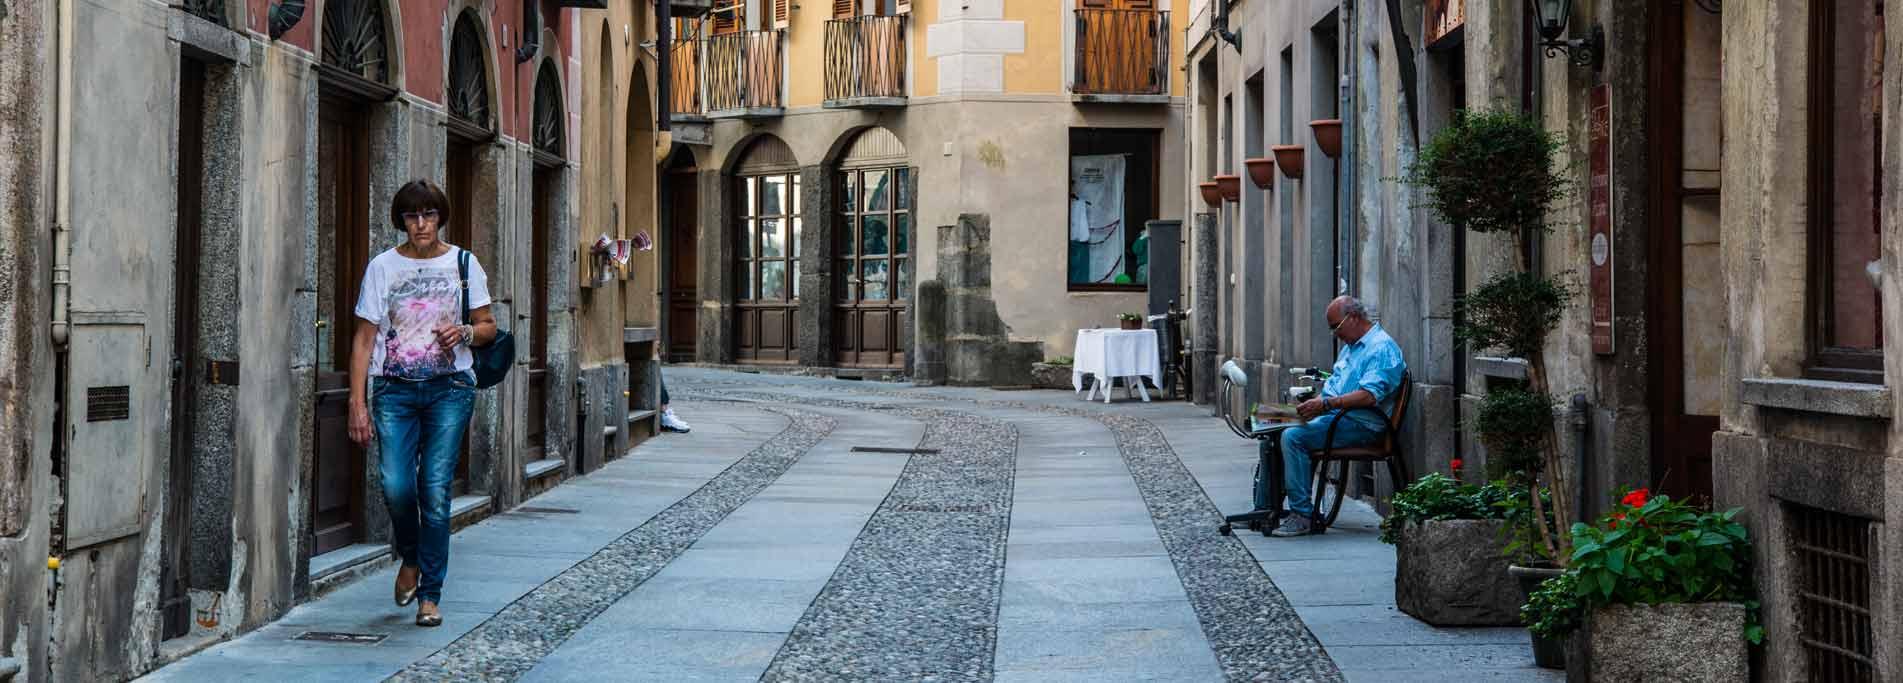 Itinerario del Centro Storico di Varallo